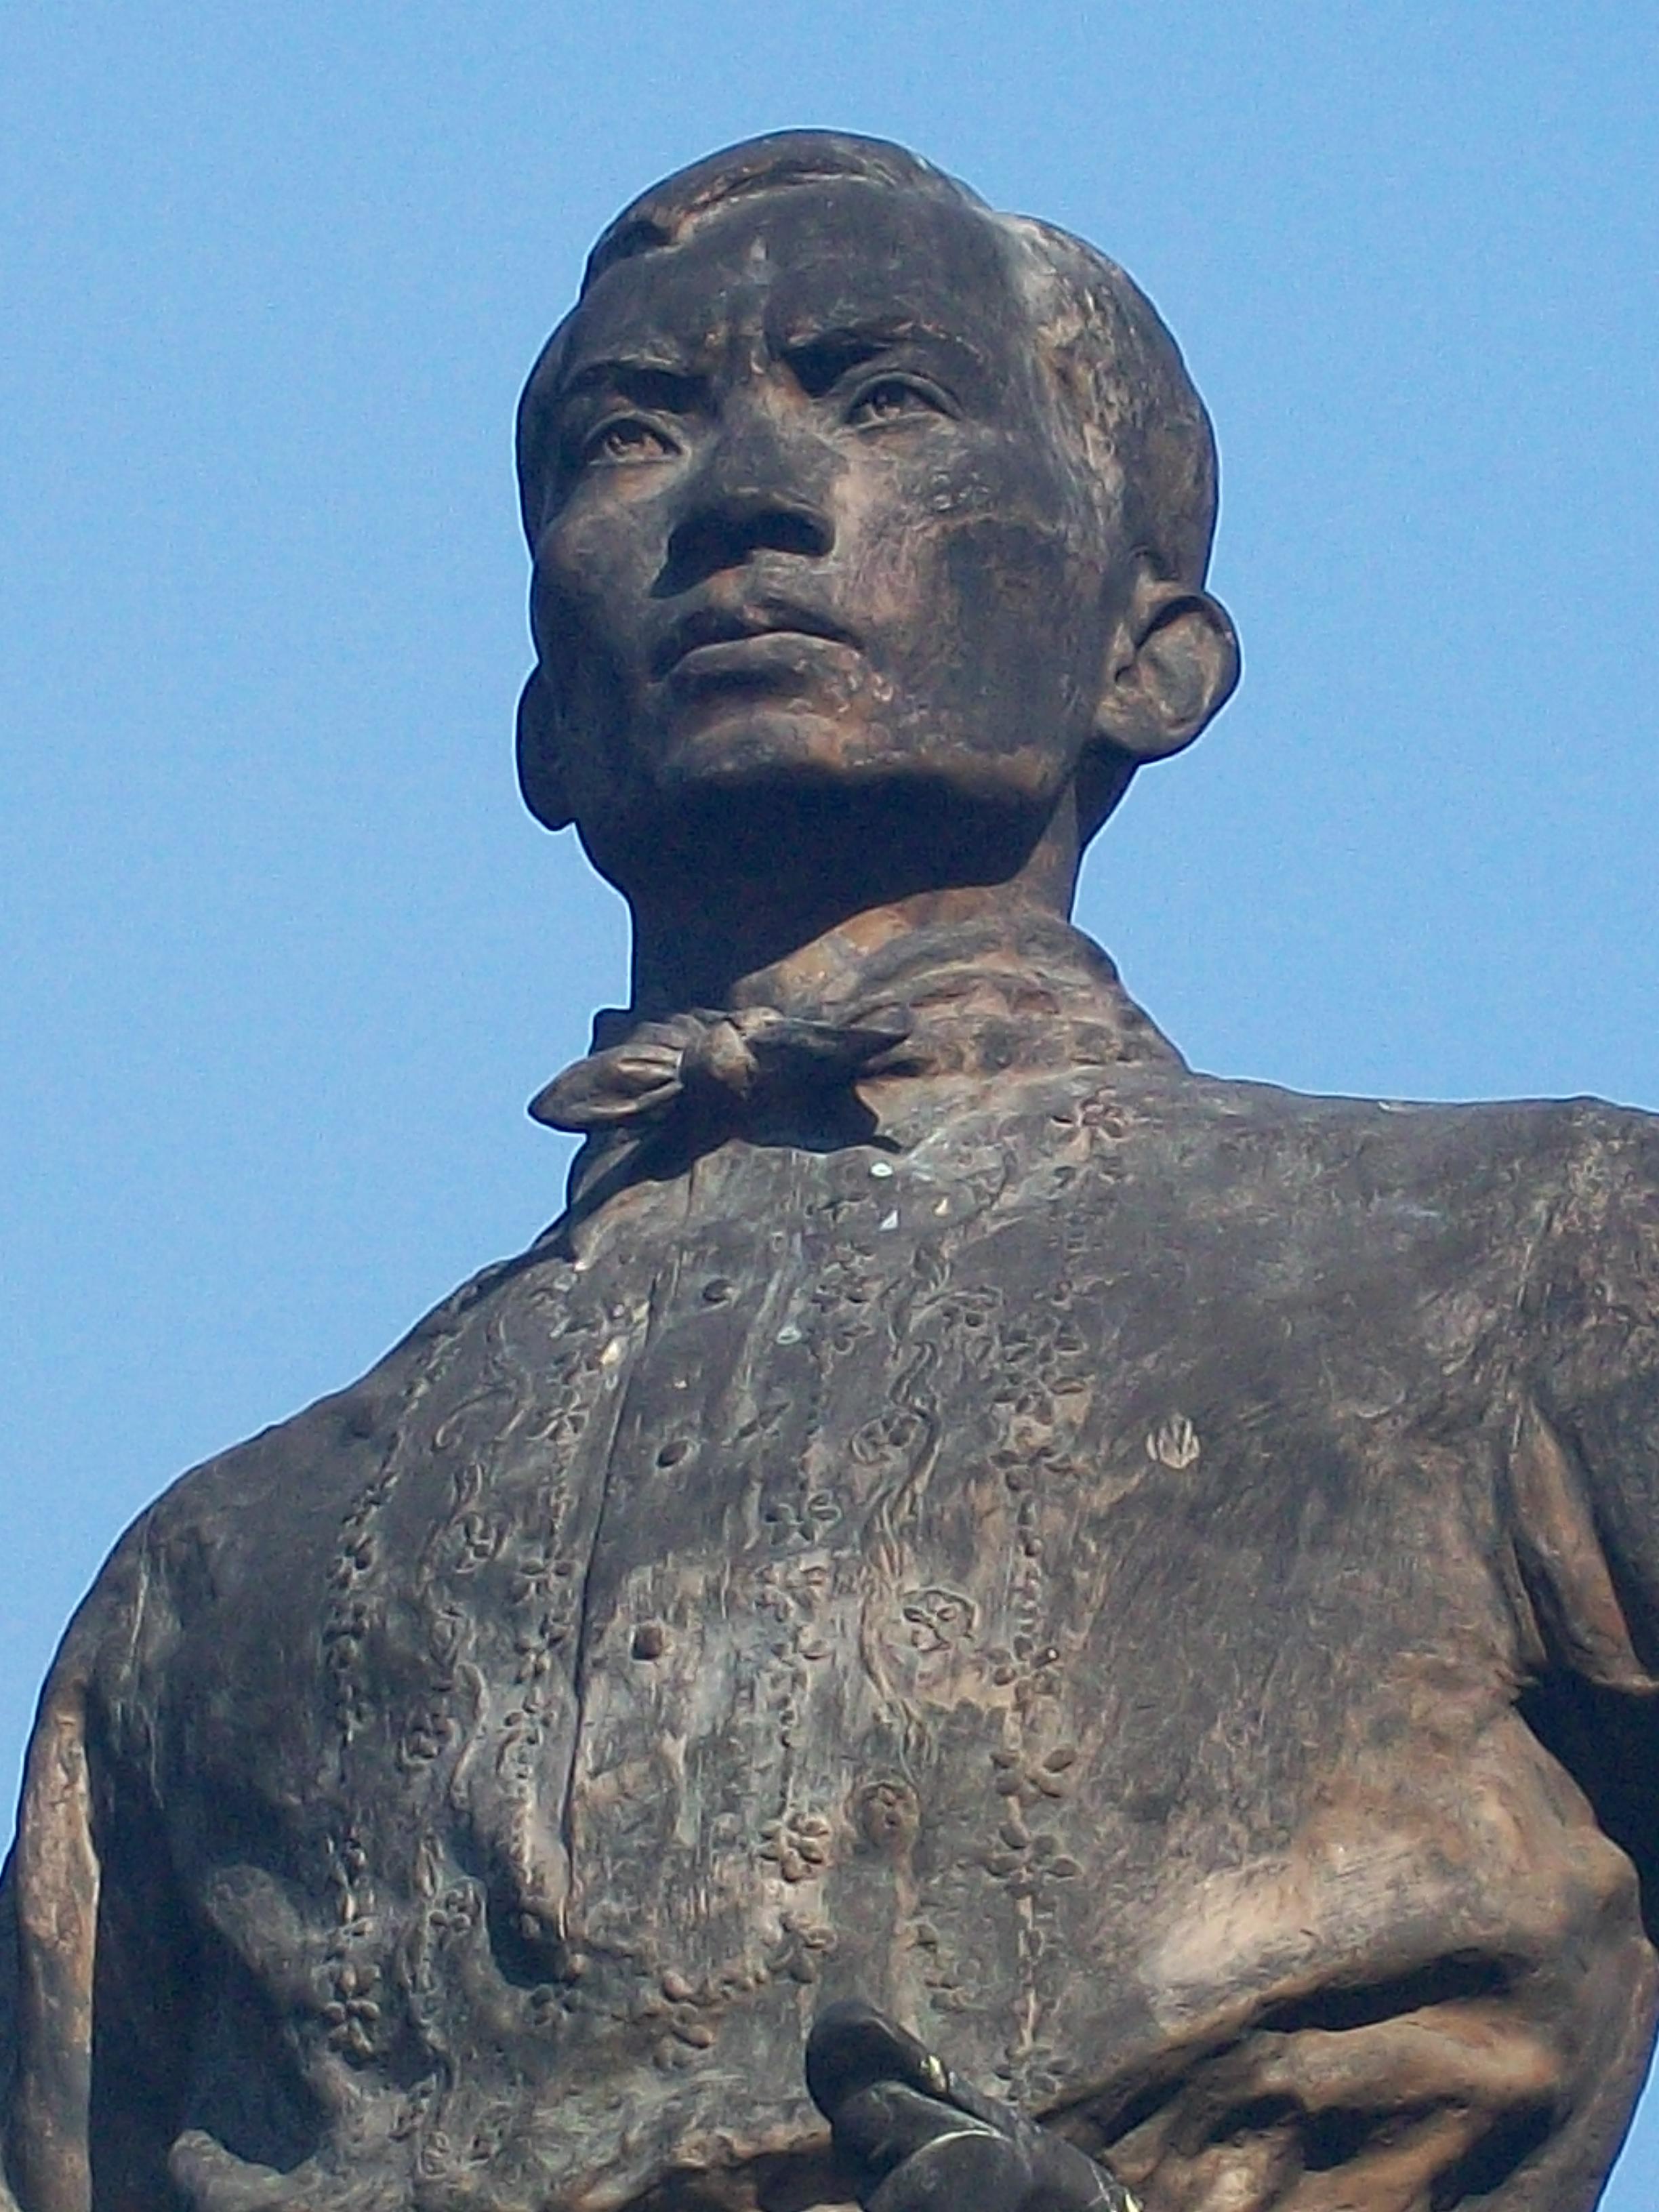 ni Bonifacio sa kanyang monumento sa Liwasang Bonifacio. Nililok ni